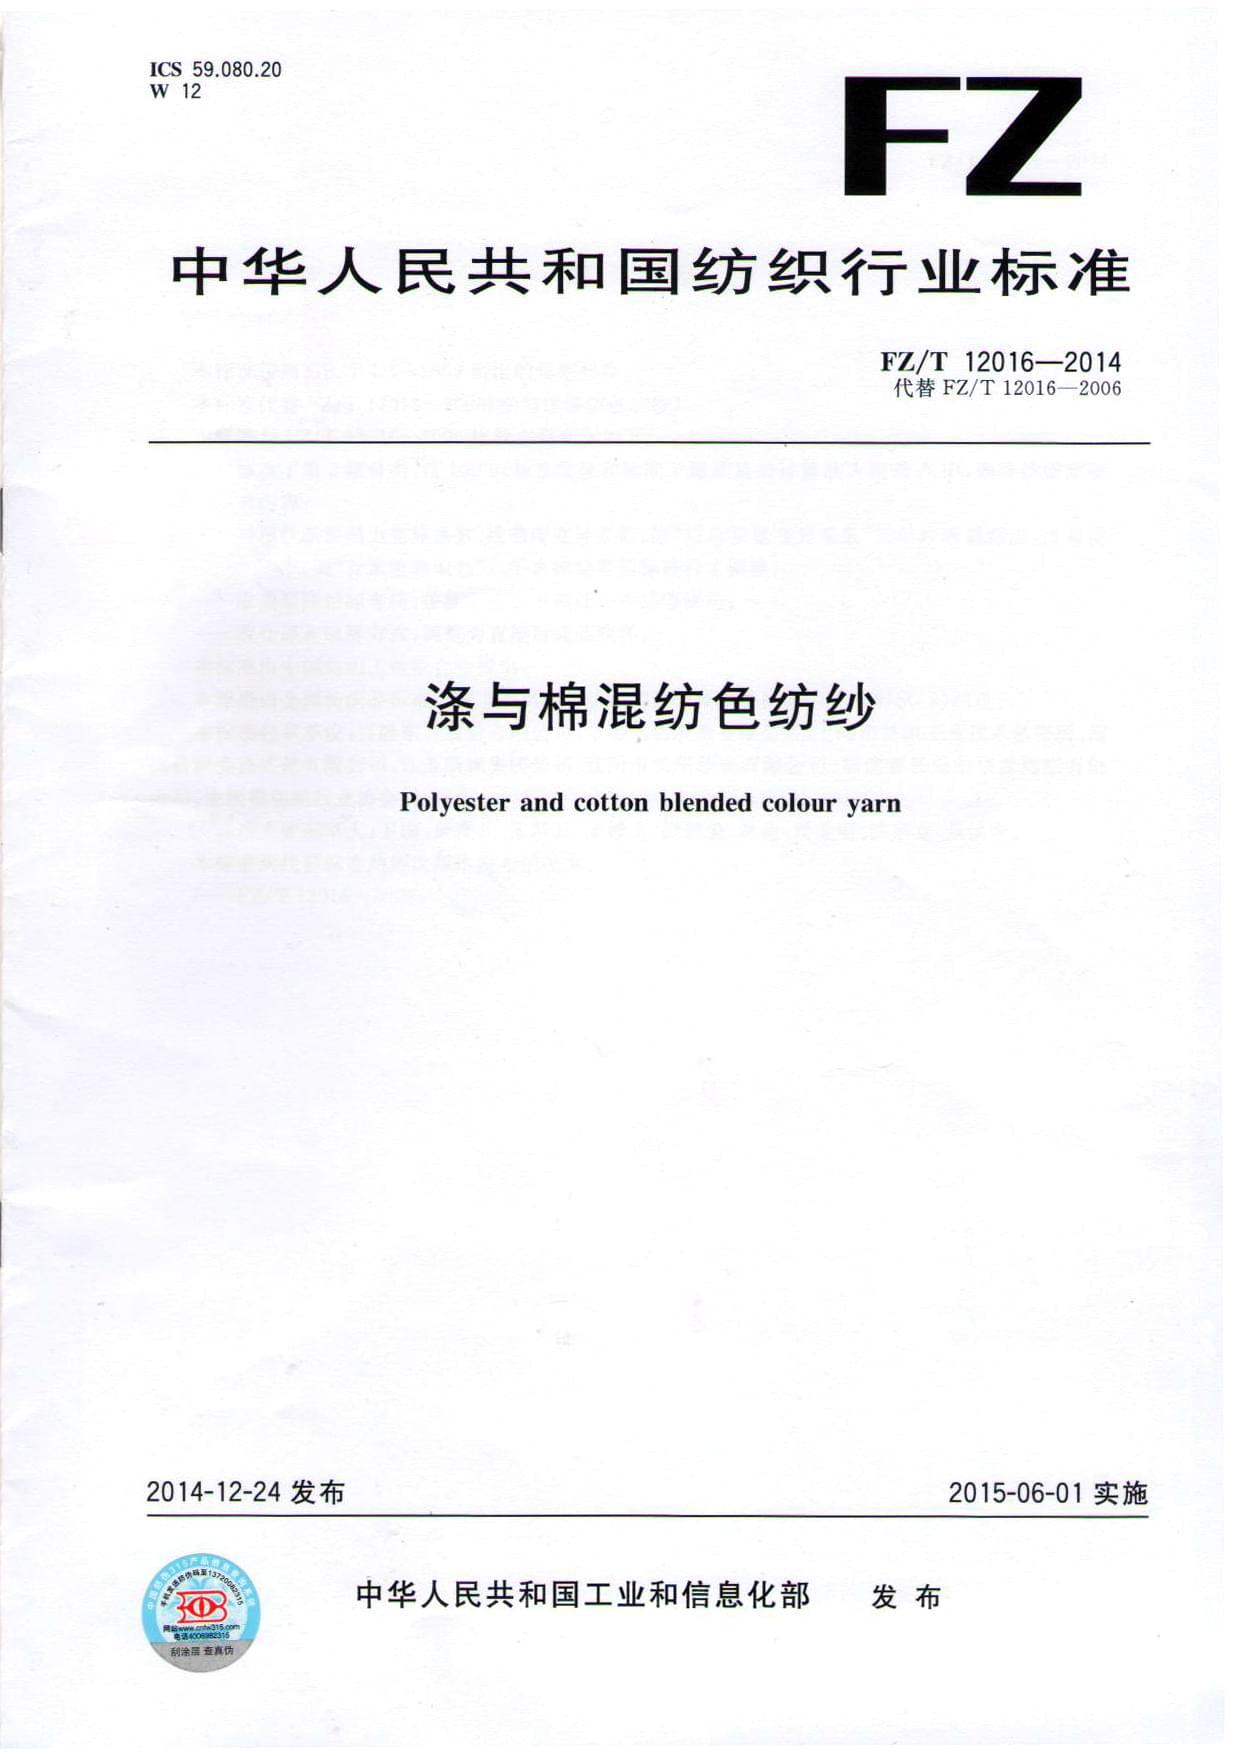 行业标准-涤与棉混纺色纺纱